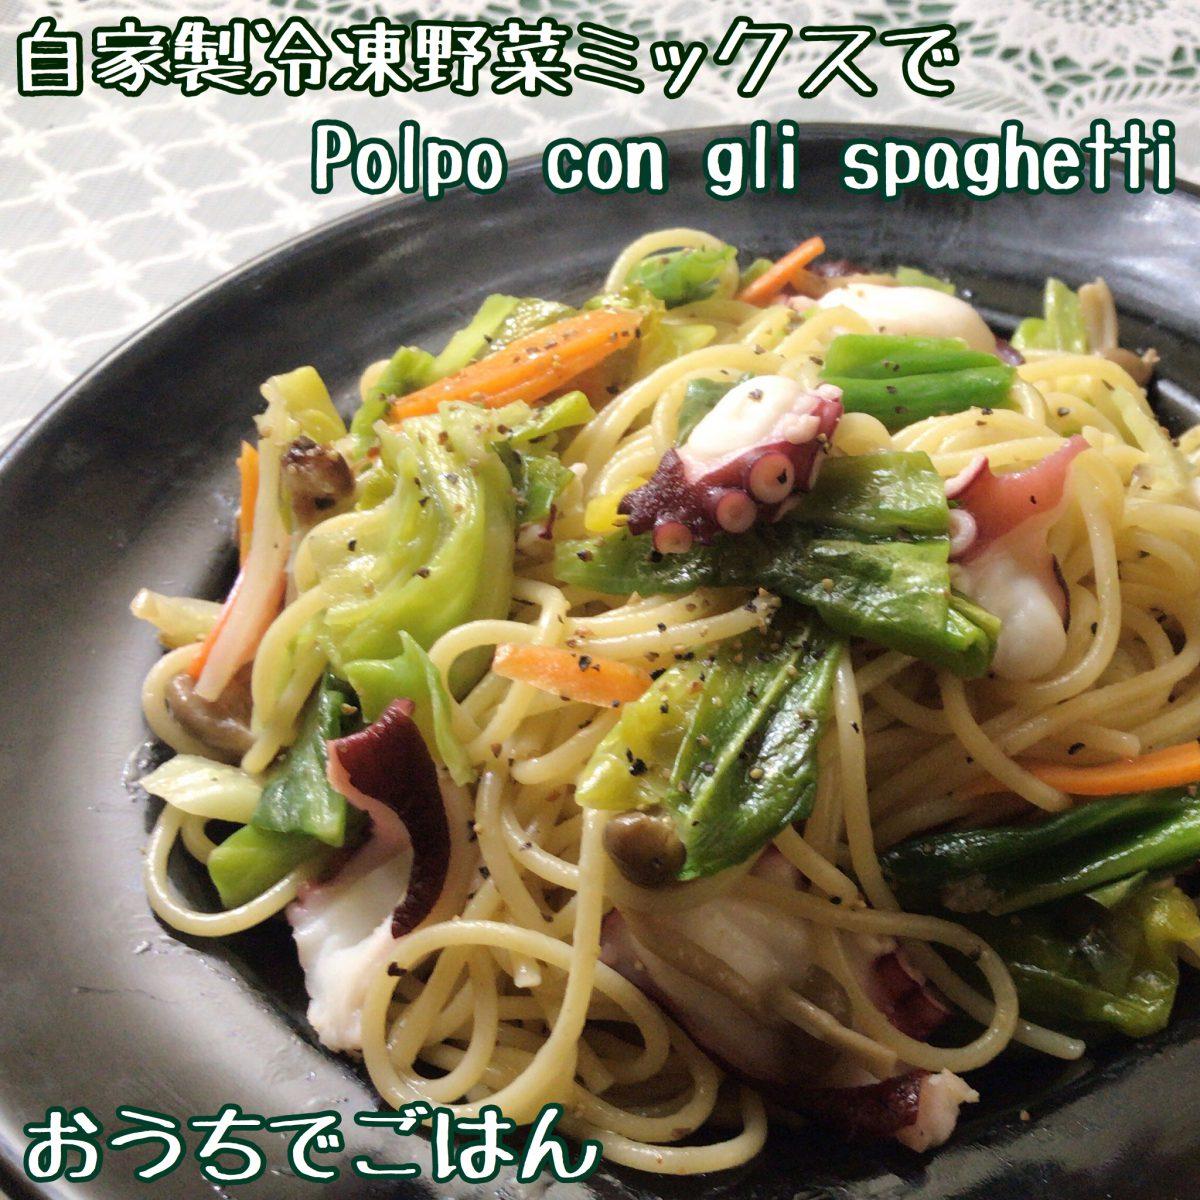 Polpo con gli spaghetti〜冷凍野菜ミックスで